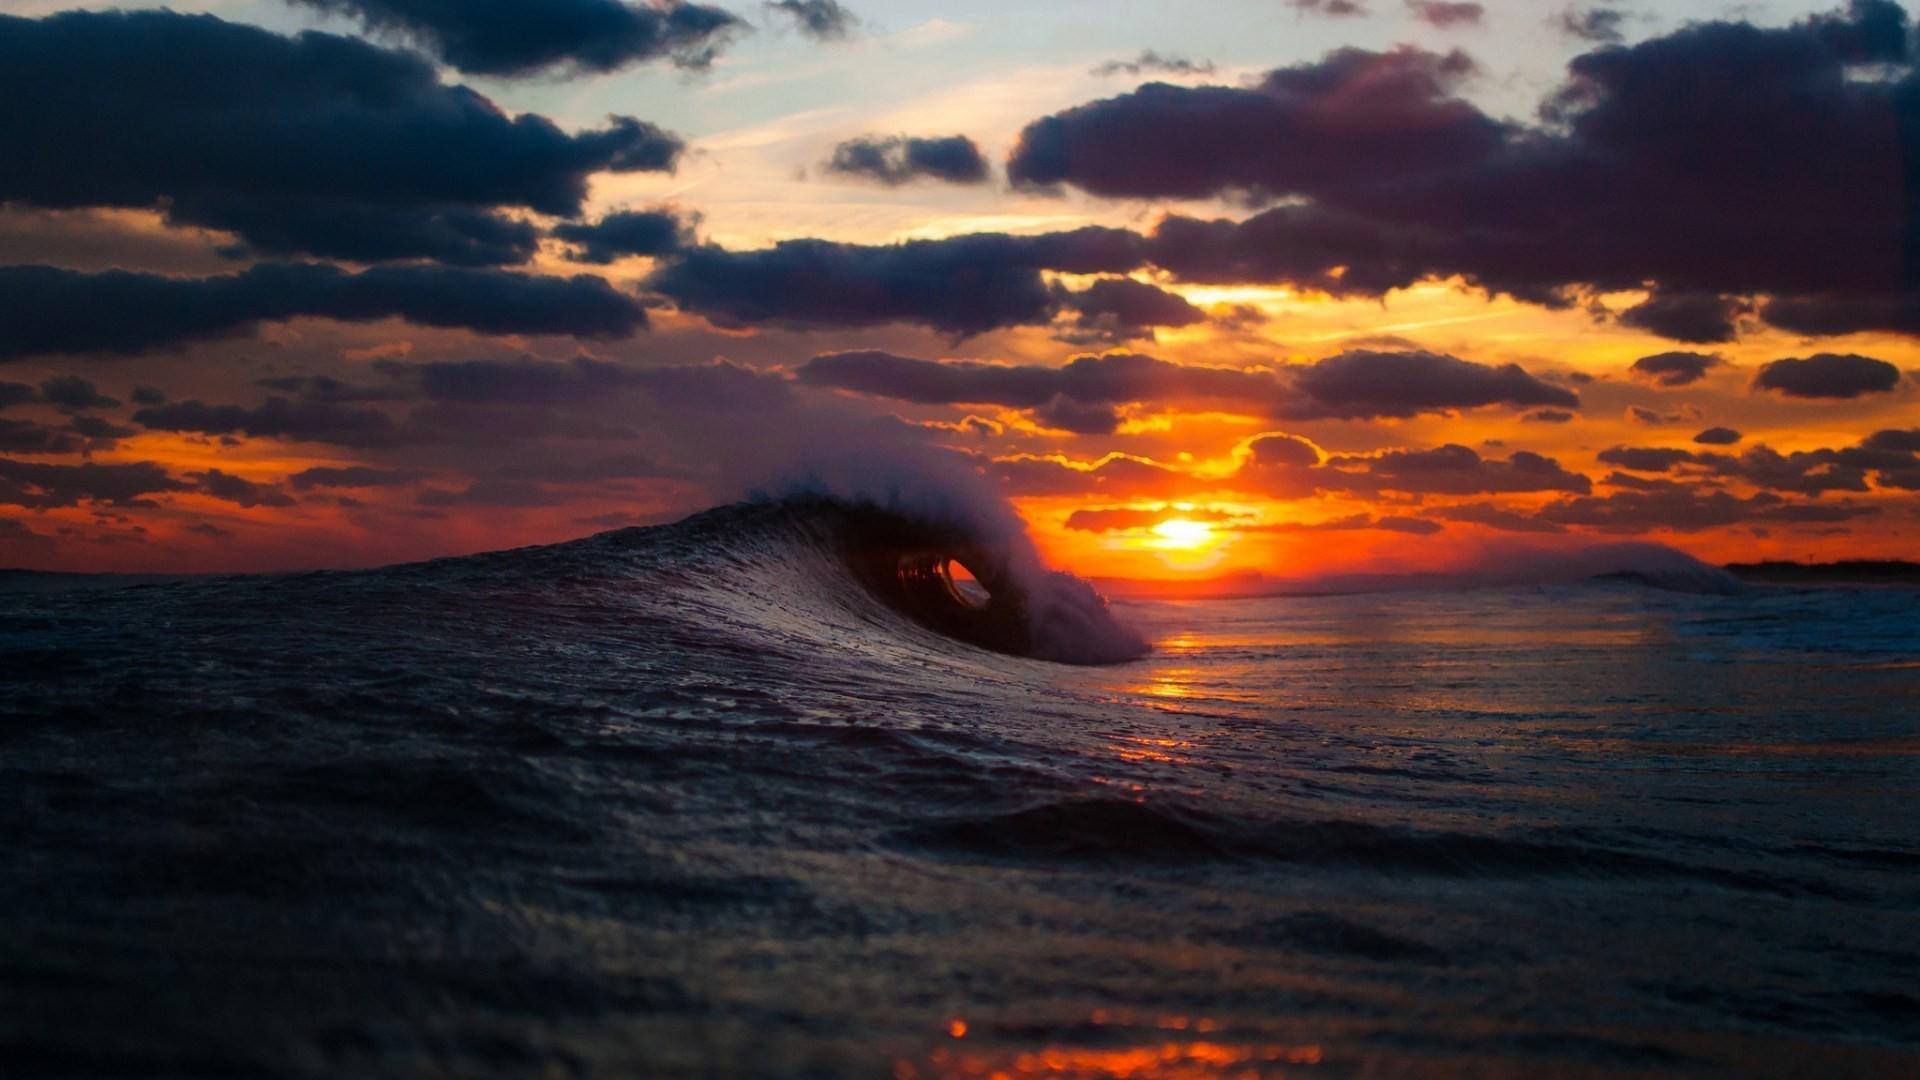 fond d'écran mer, surf, vague, coucher de soleil hd: écran large